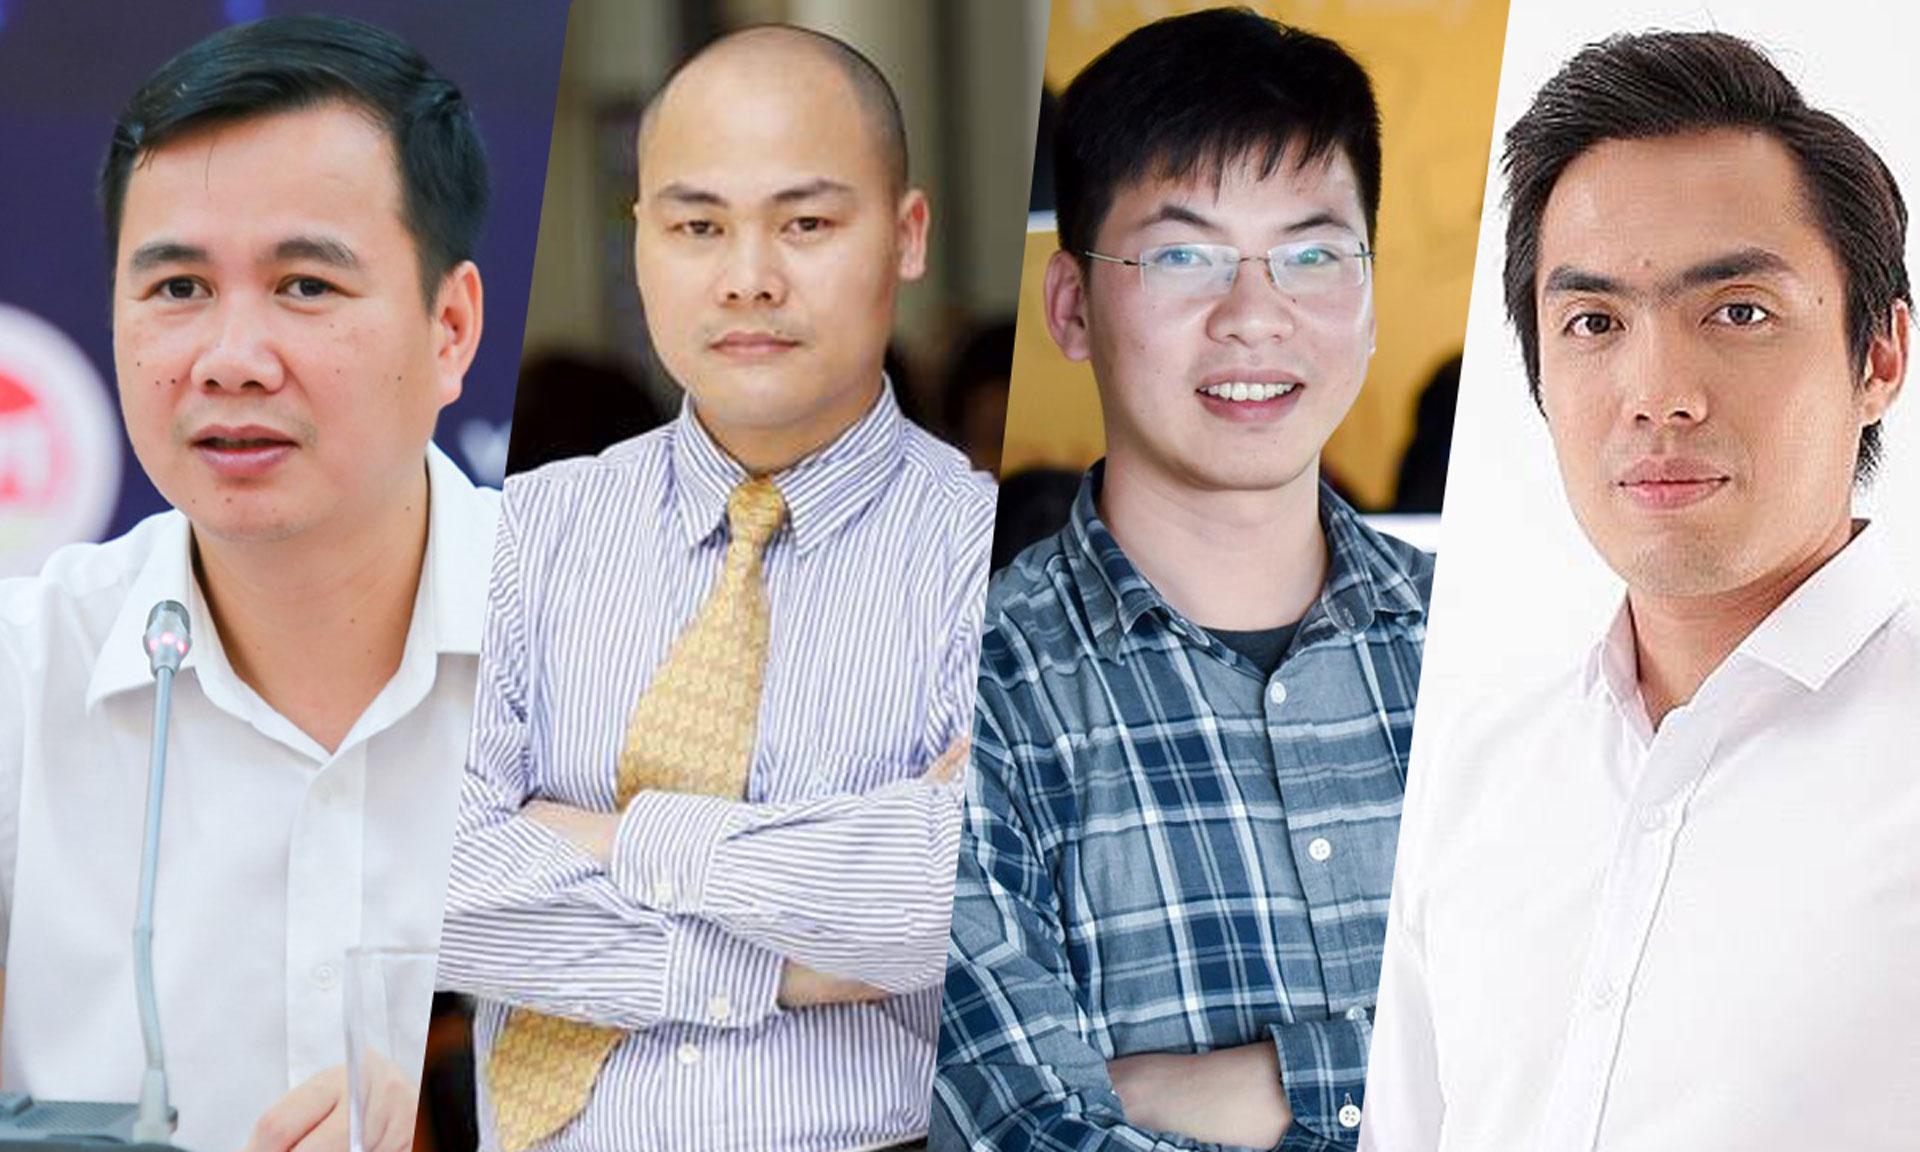 Từ trái qua, ông Bùi Thế Duy, Nguyễn Tử Quảng, Trần Việt Hùng, Huy Nguyễn. 4 diễn giả sẽ tham gia tọa đàm trực tuyến, phiên 6, của CTO Talks, vào lúc 11h ngày 4/6.